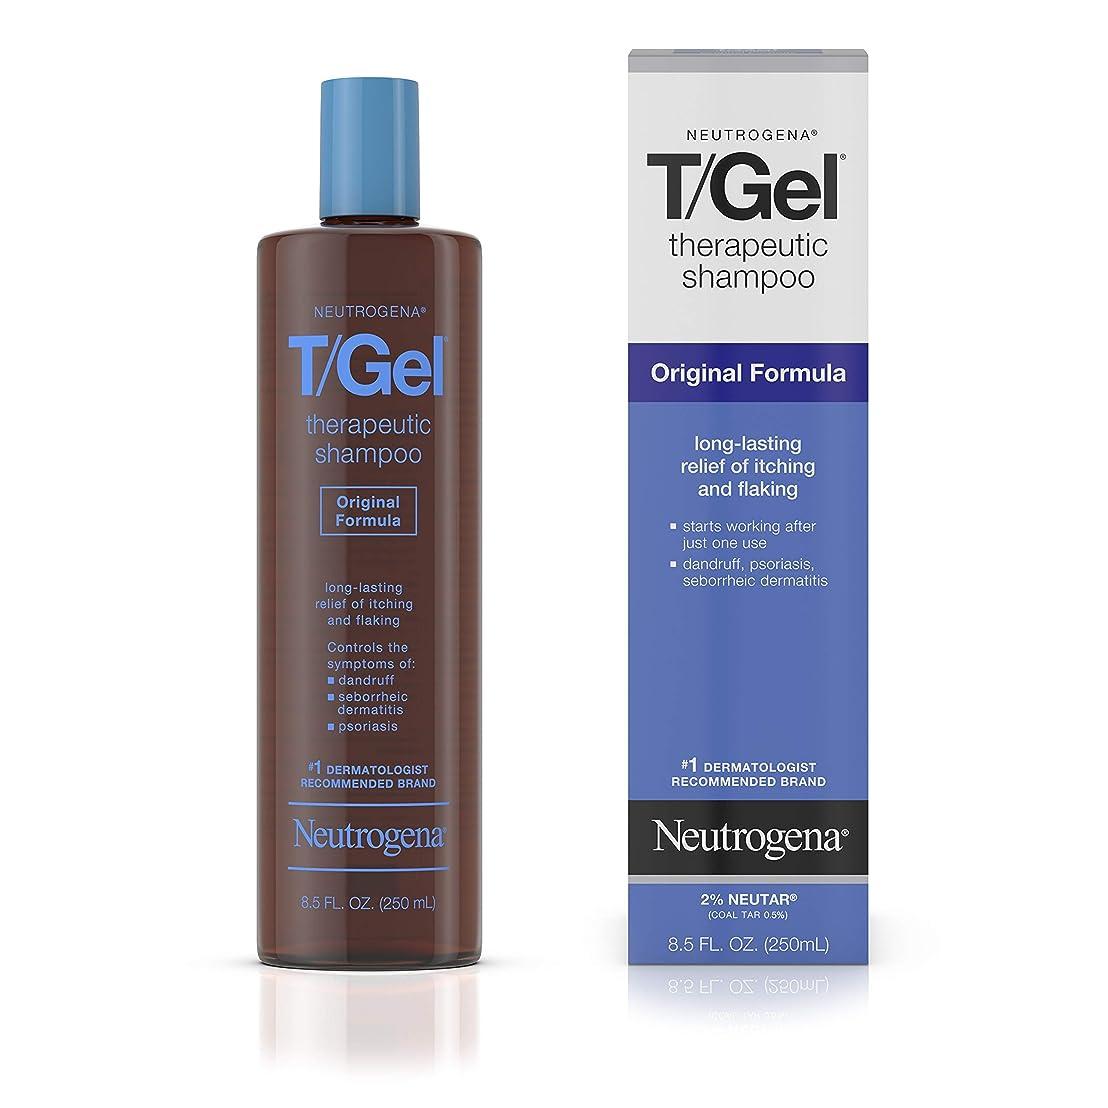 君主制歩行者苦しめるNeutrogena T/Gel Shampoo Original 250 ml (並行輸入品)